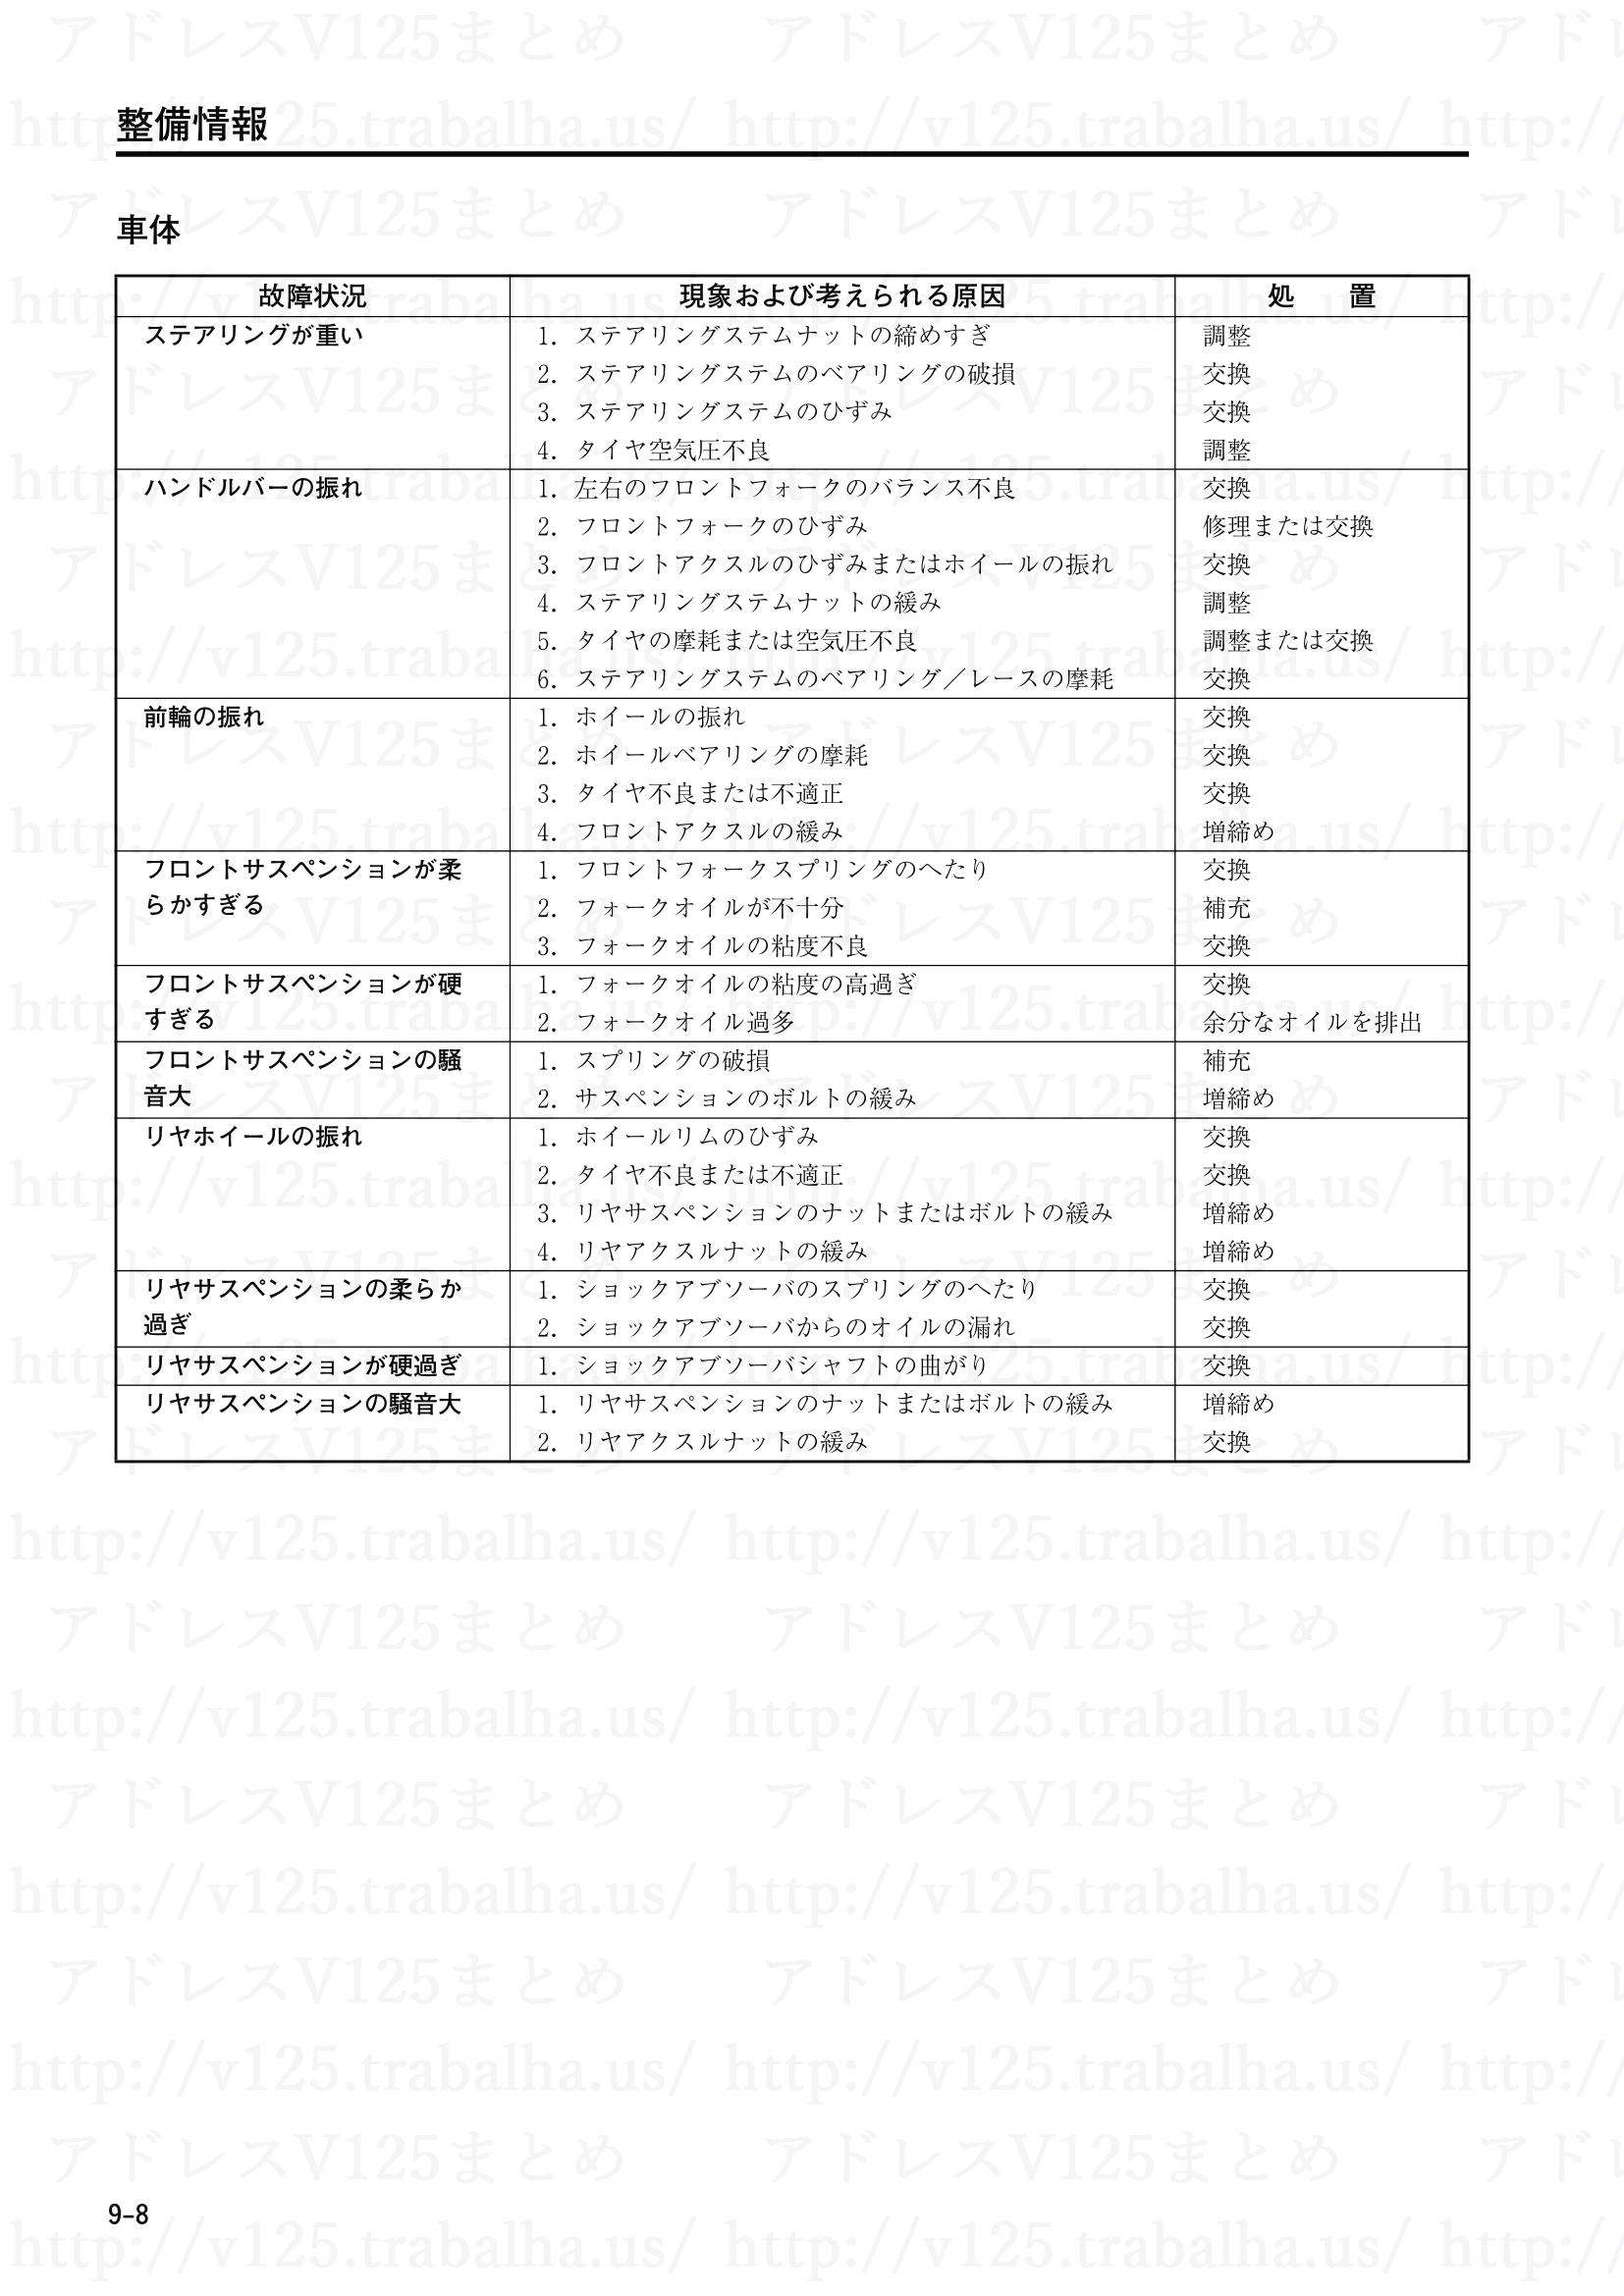 9-8【整備情報】ステアリングが重い